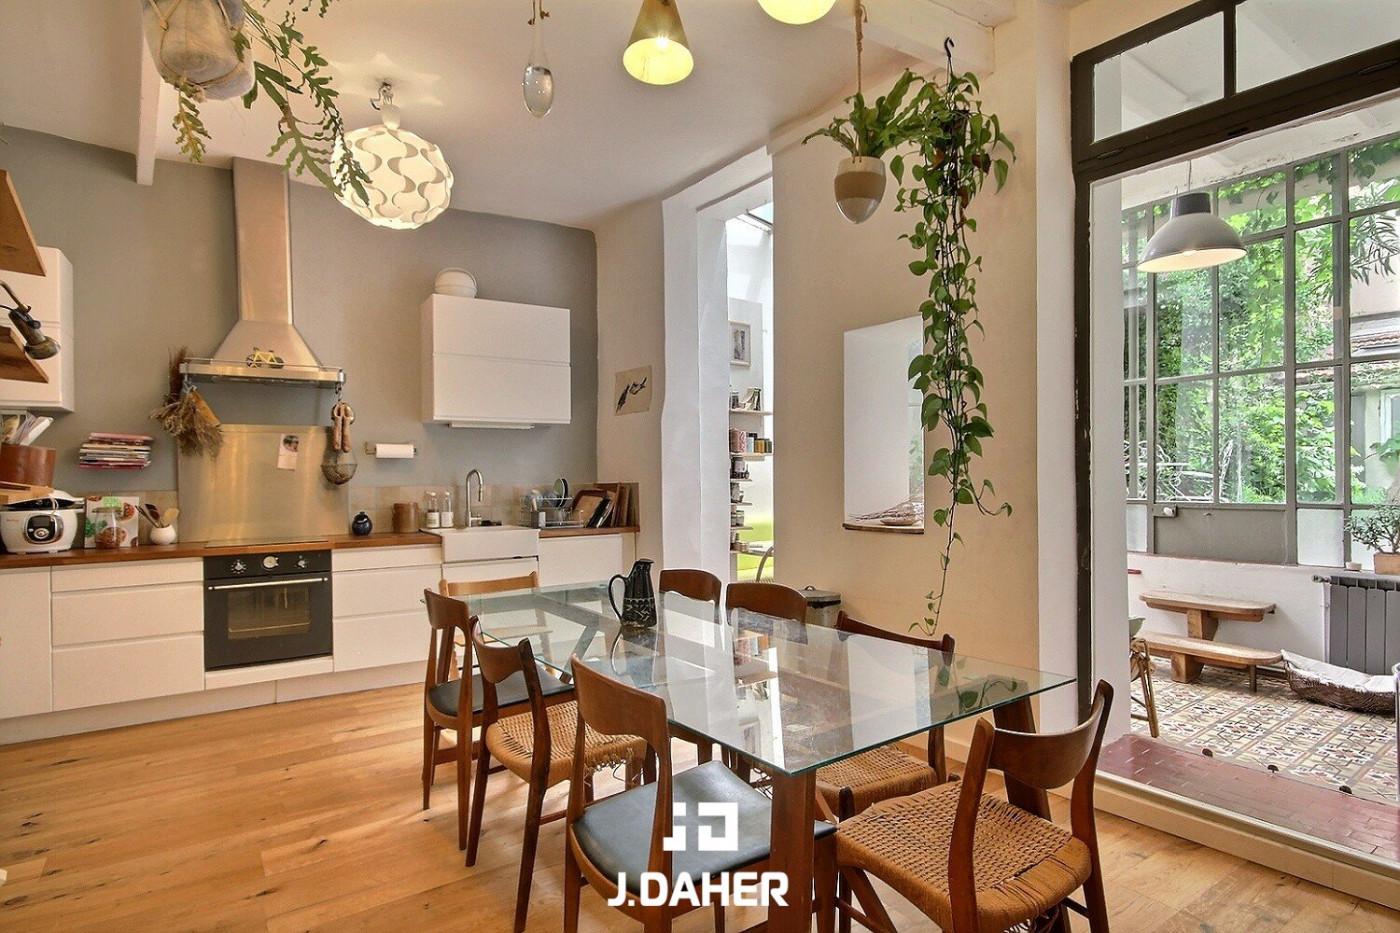 A vendre  Marseille 4eme Arrondissement   Réf 130251079 - J daher immobilier